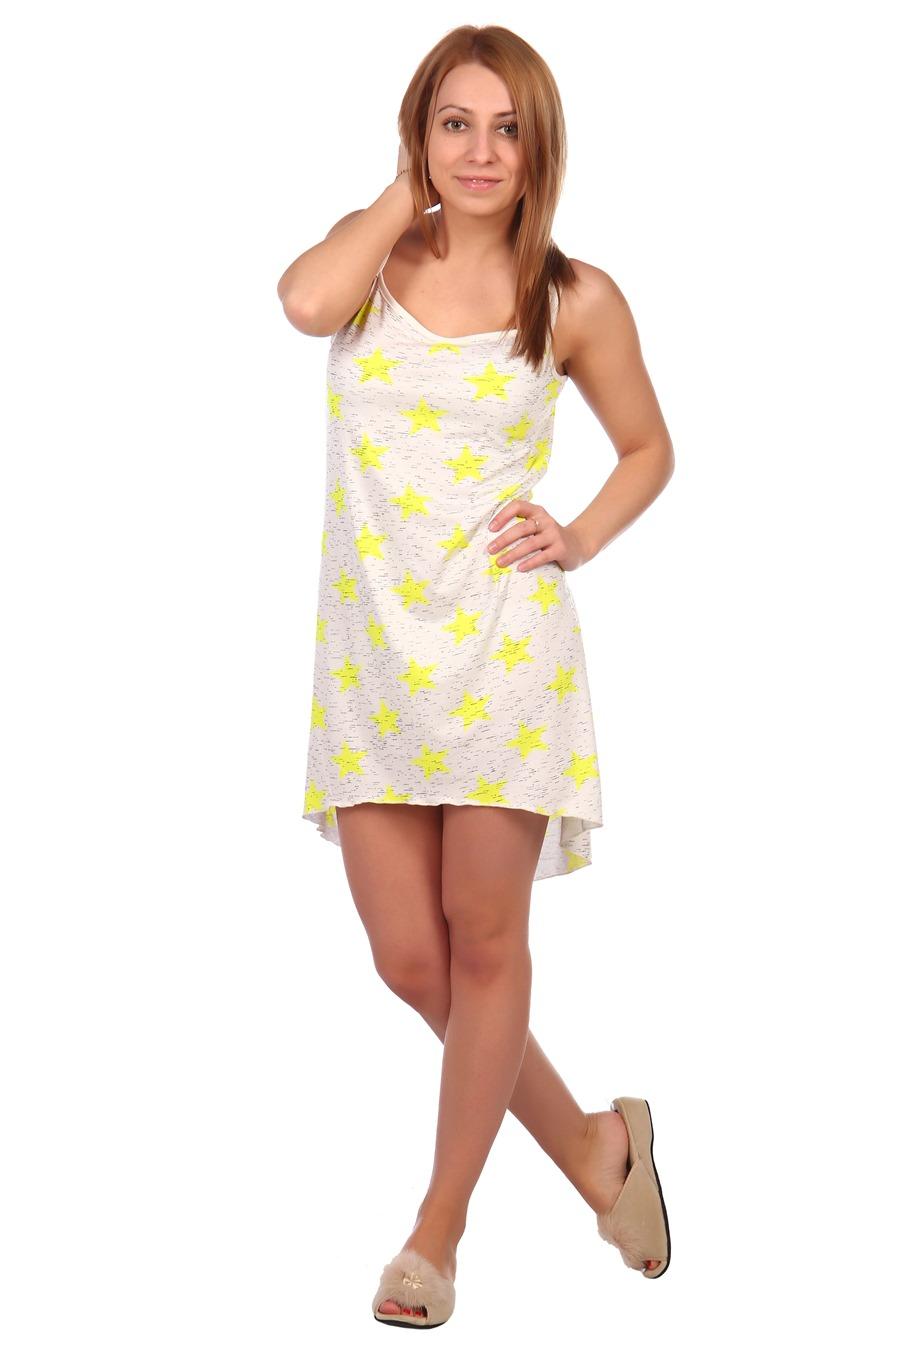 Жен. сорочка арт. 16-0456 Лимон р. 52 фото